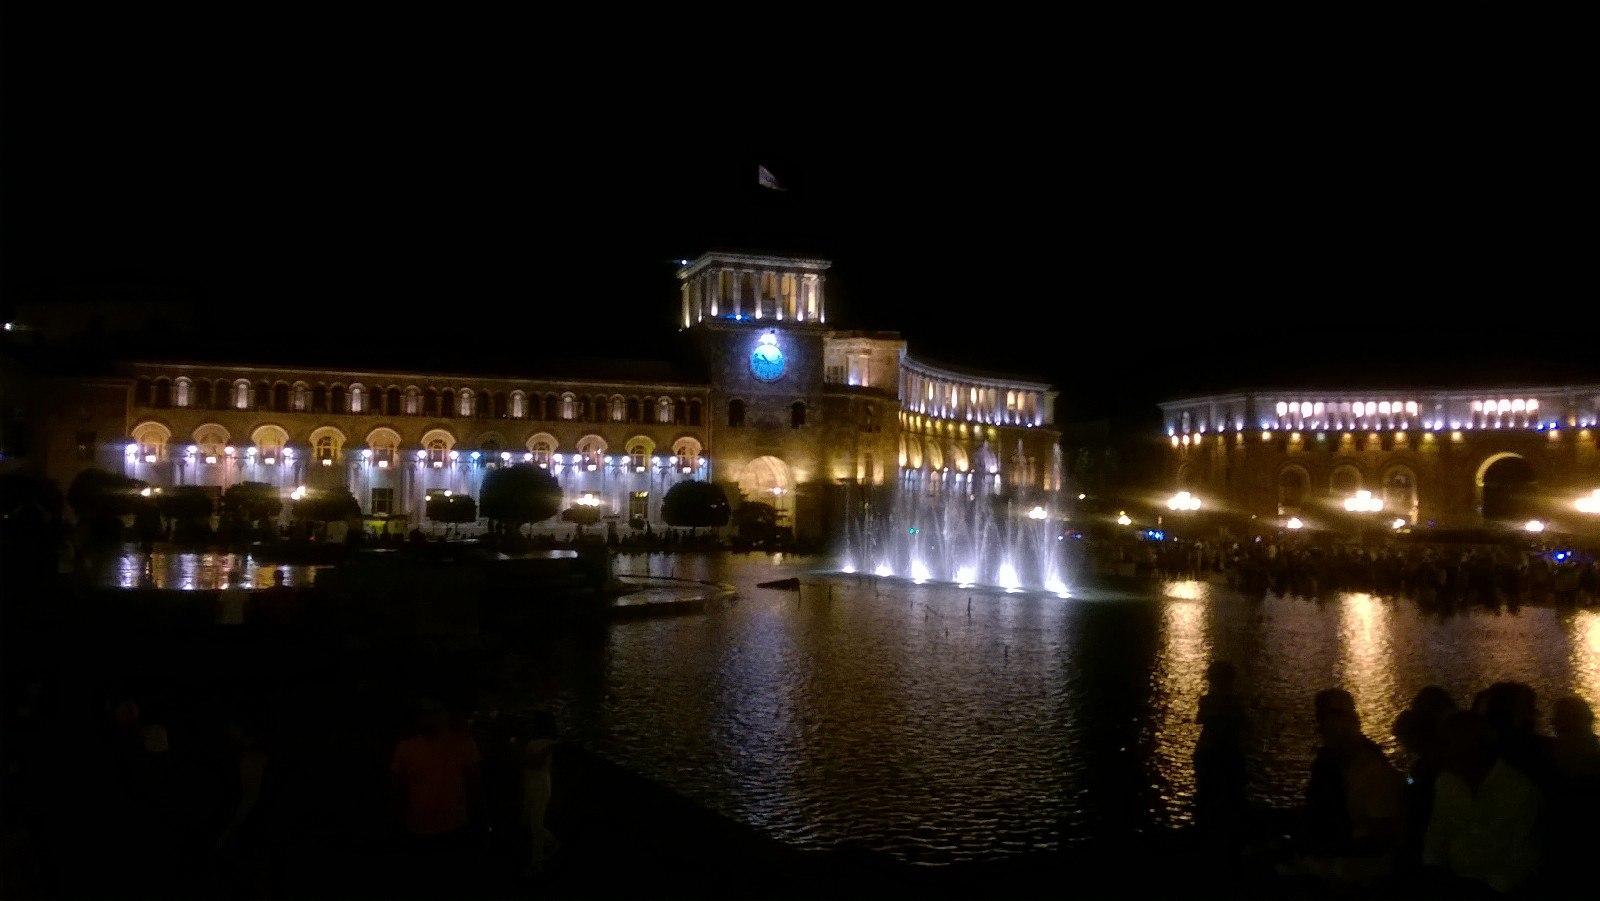 شبهای میدان جمهوری ایروان